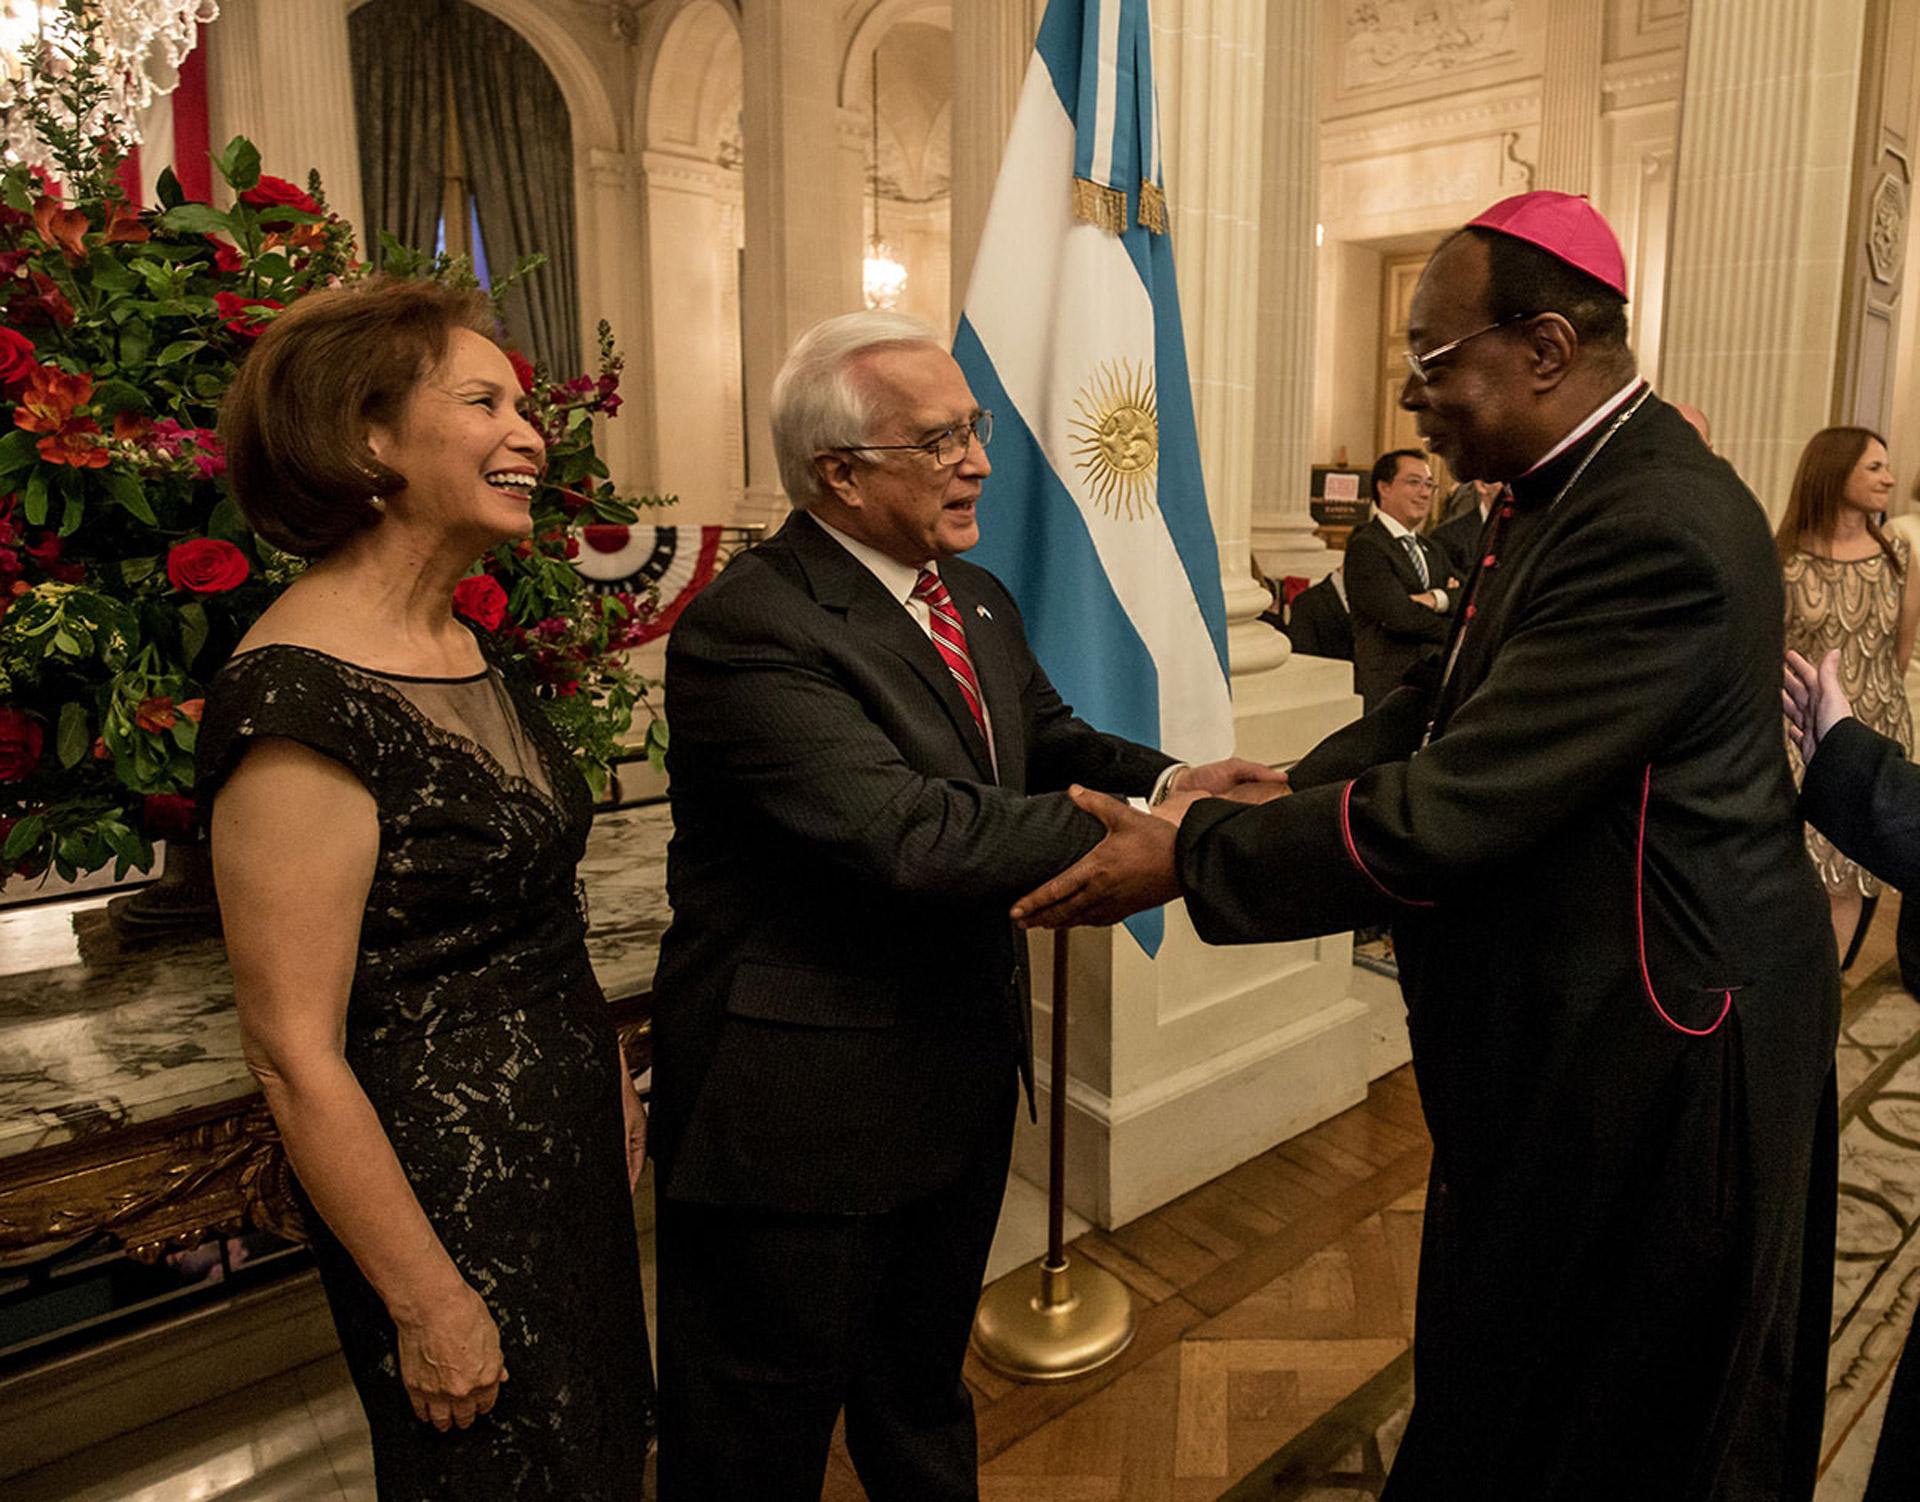 Edward C. Prado y su mujer reciben al Nuncio apostólico en la Argentina, monseñor León Kalenga Badikebele